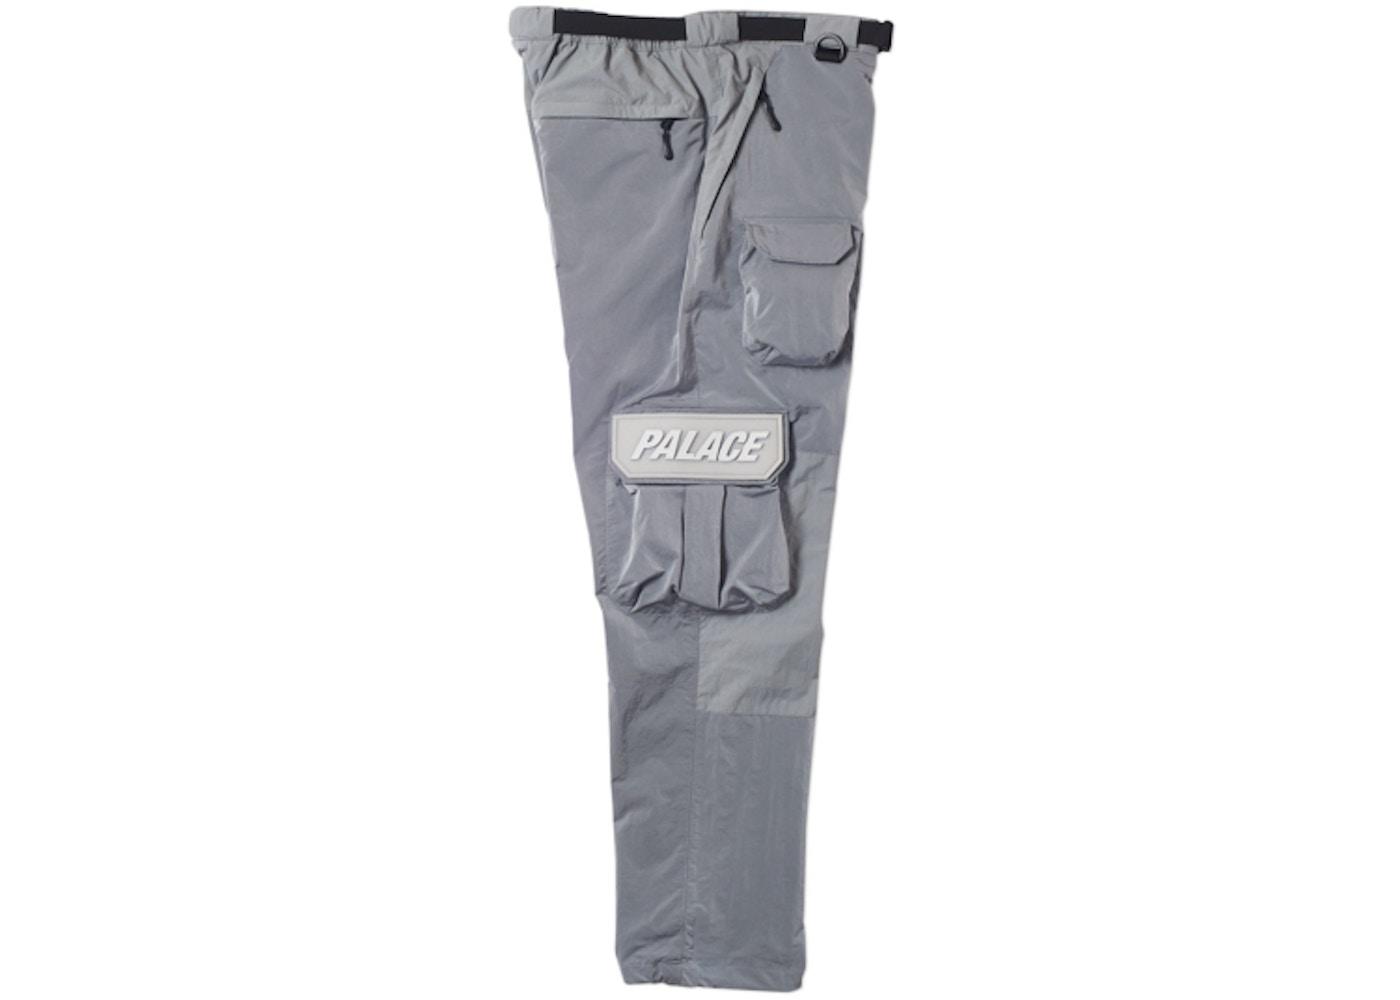 9f6b20f5 Streetwear - Palace Bottoms - Last Sale